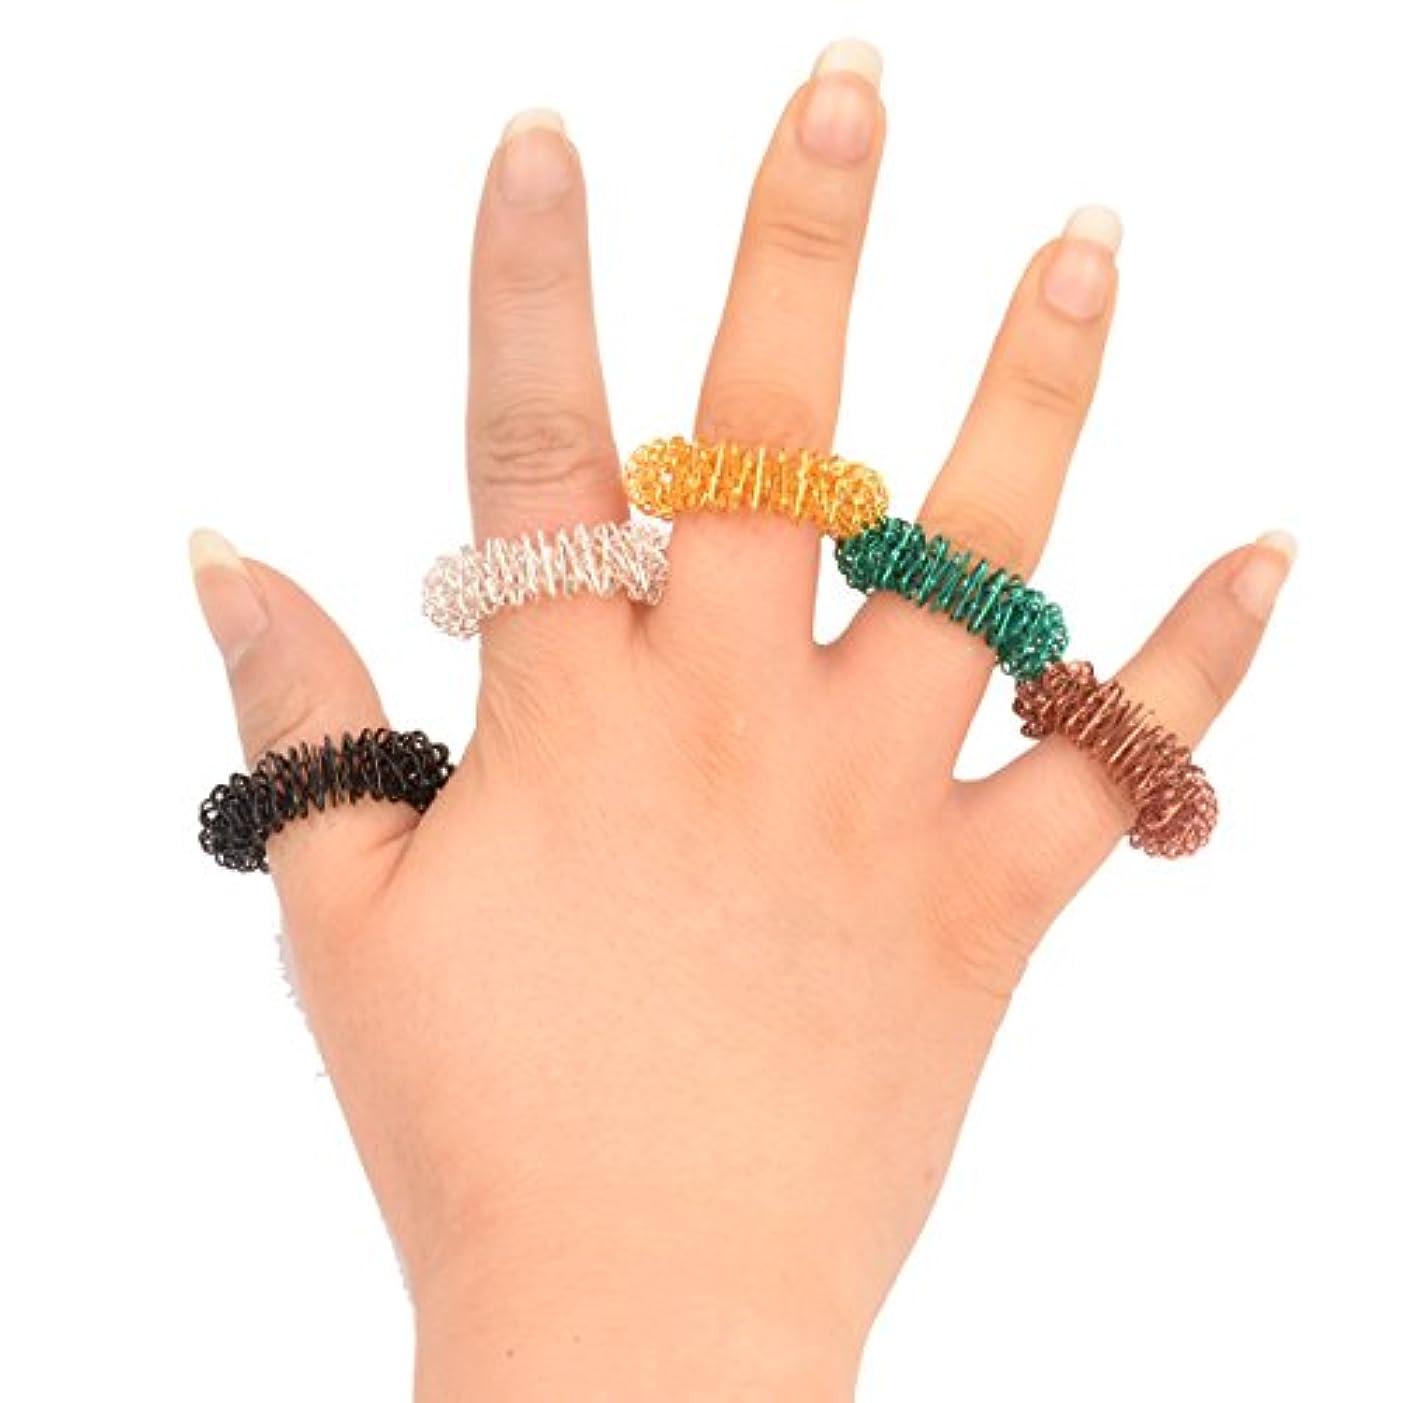 以上クスコ素敵な(Ckeyin) マッサージリング 5個入り 爪もみリング 色はランダムによって配送されます (5個)